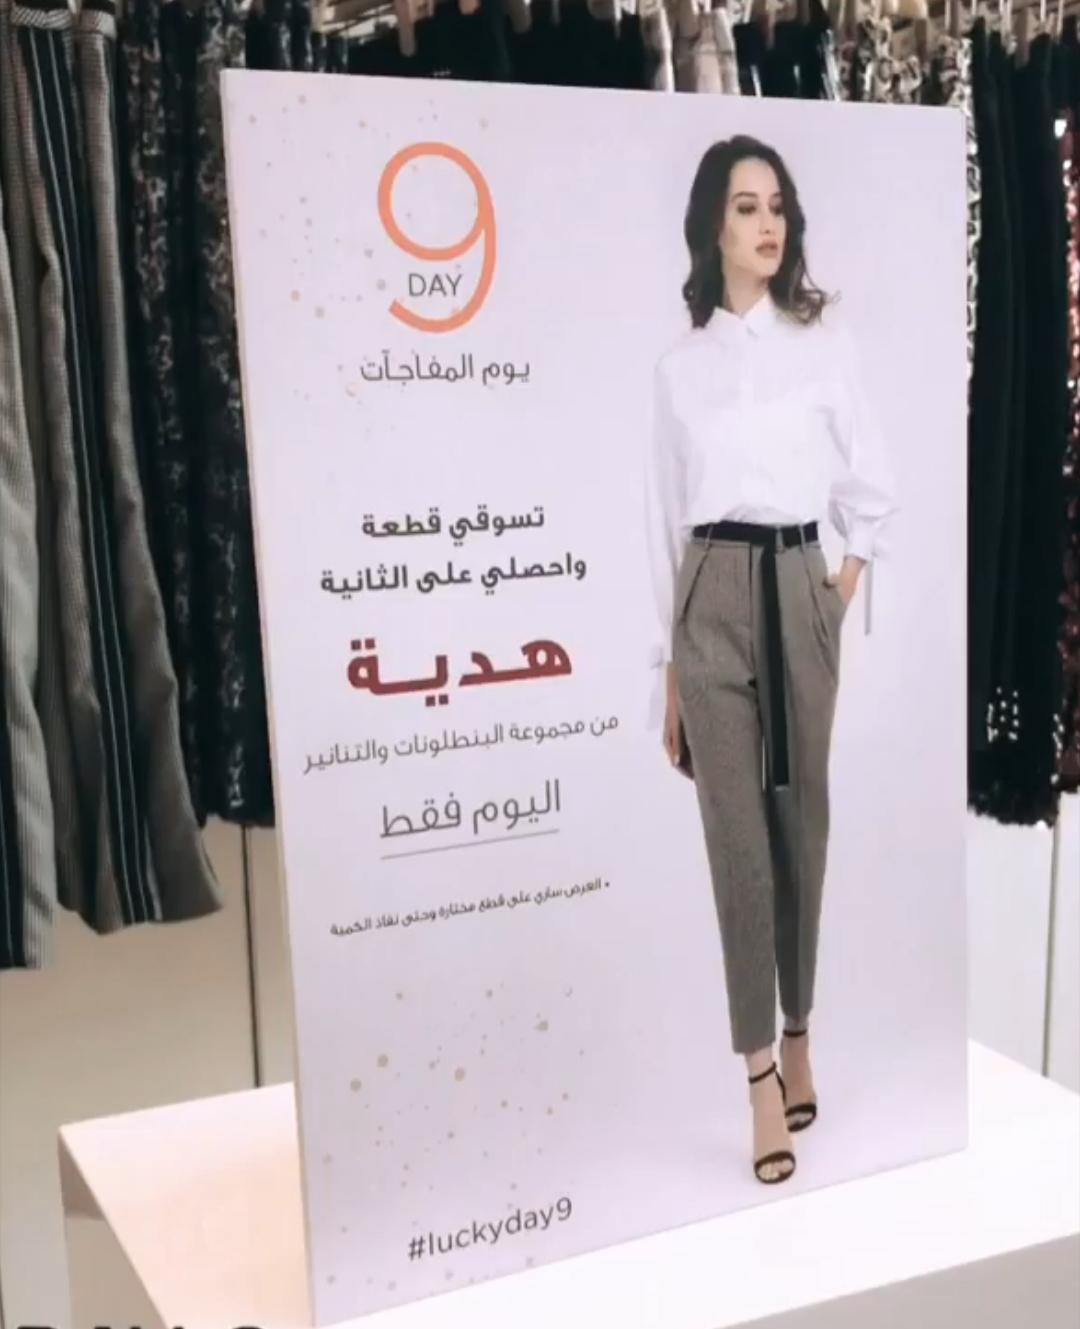 عروض و تخفيضات فيمي 9 Femi للملابس النسائية لليوم فقط 9 فبراير 2019